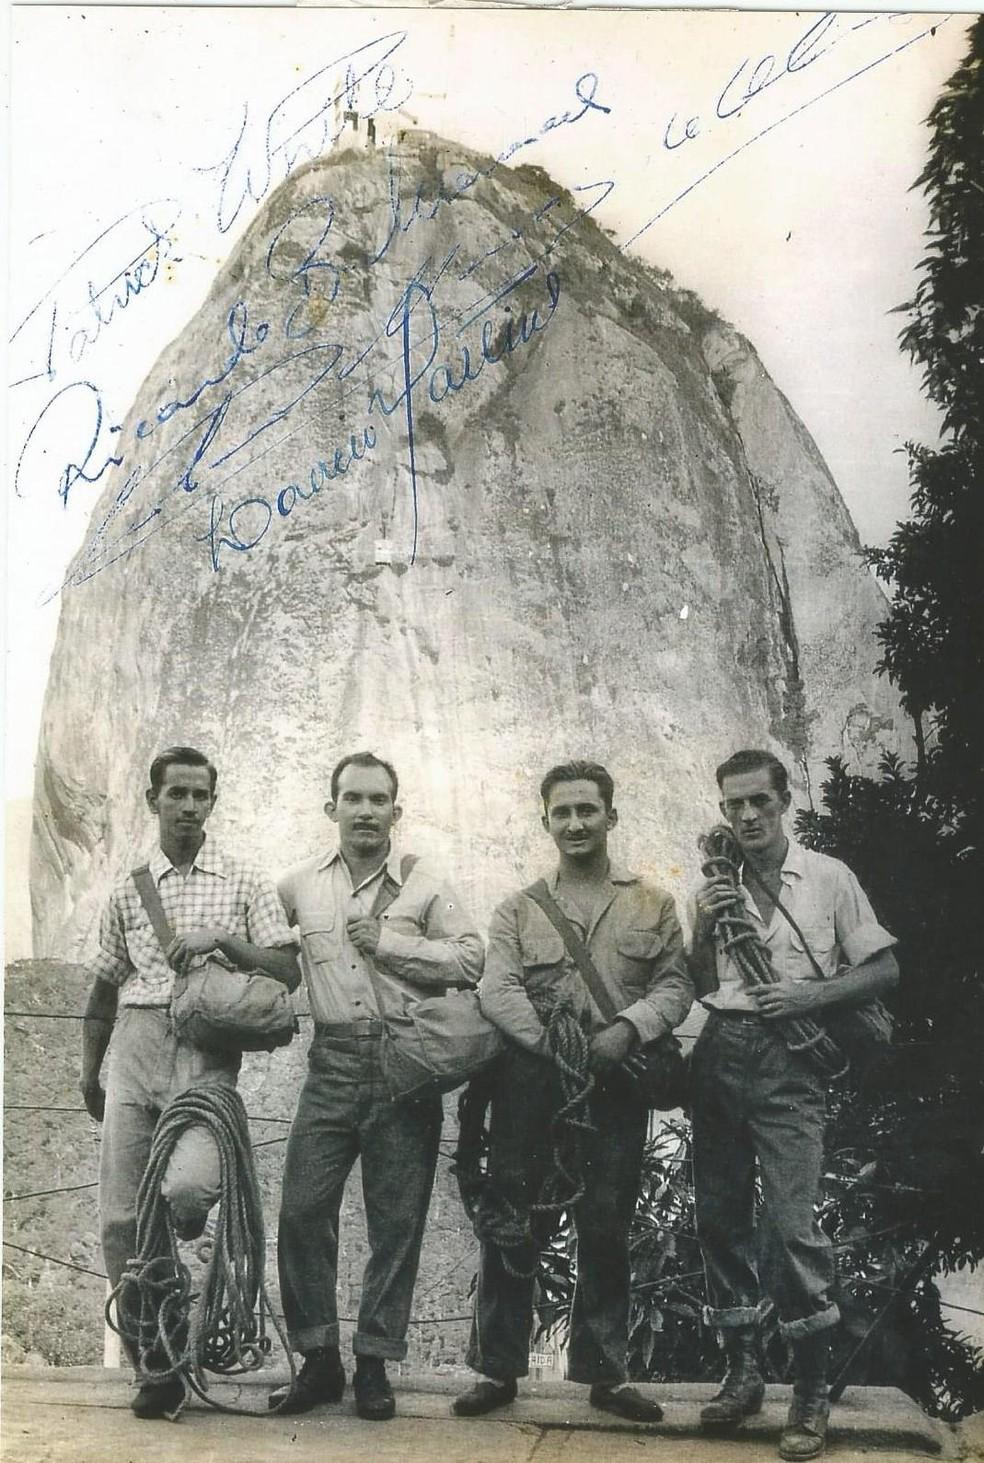 Em 1949, grupo de montanhistas encontrou corpo naturalmente mumificado preso numa fenda estreita da rocha — Foto: Clube Excursionista Carioca (CEC)/ BBC